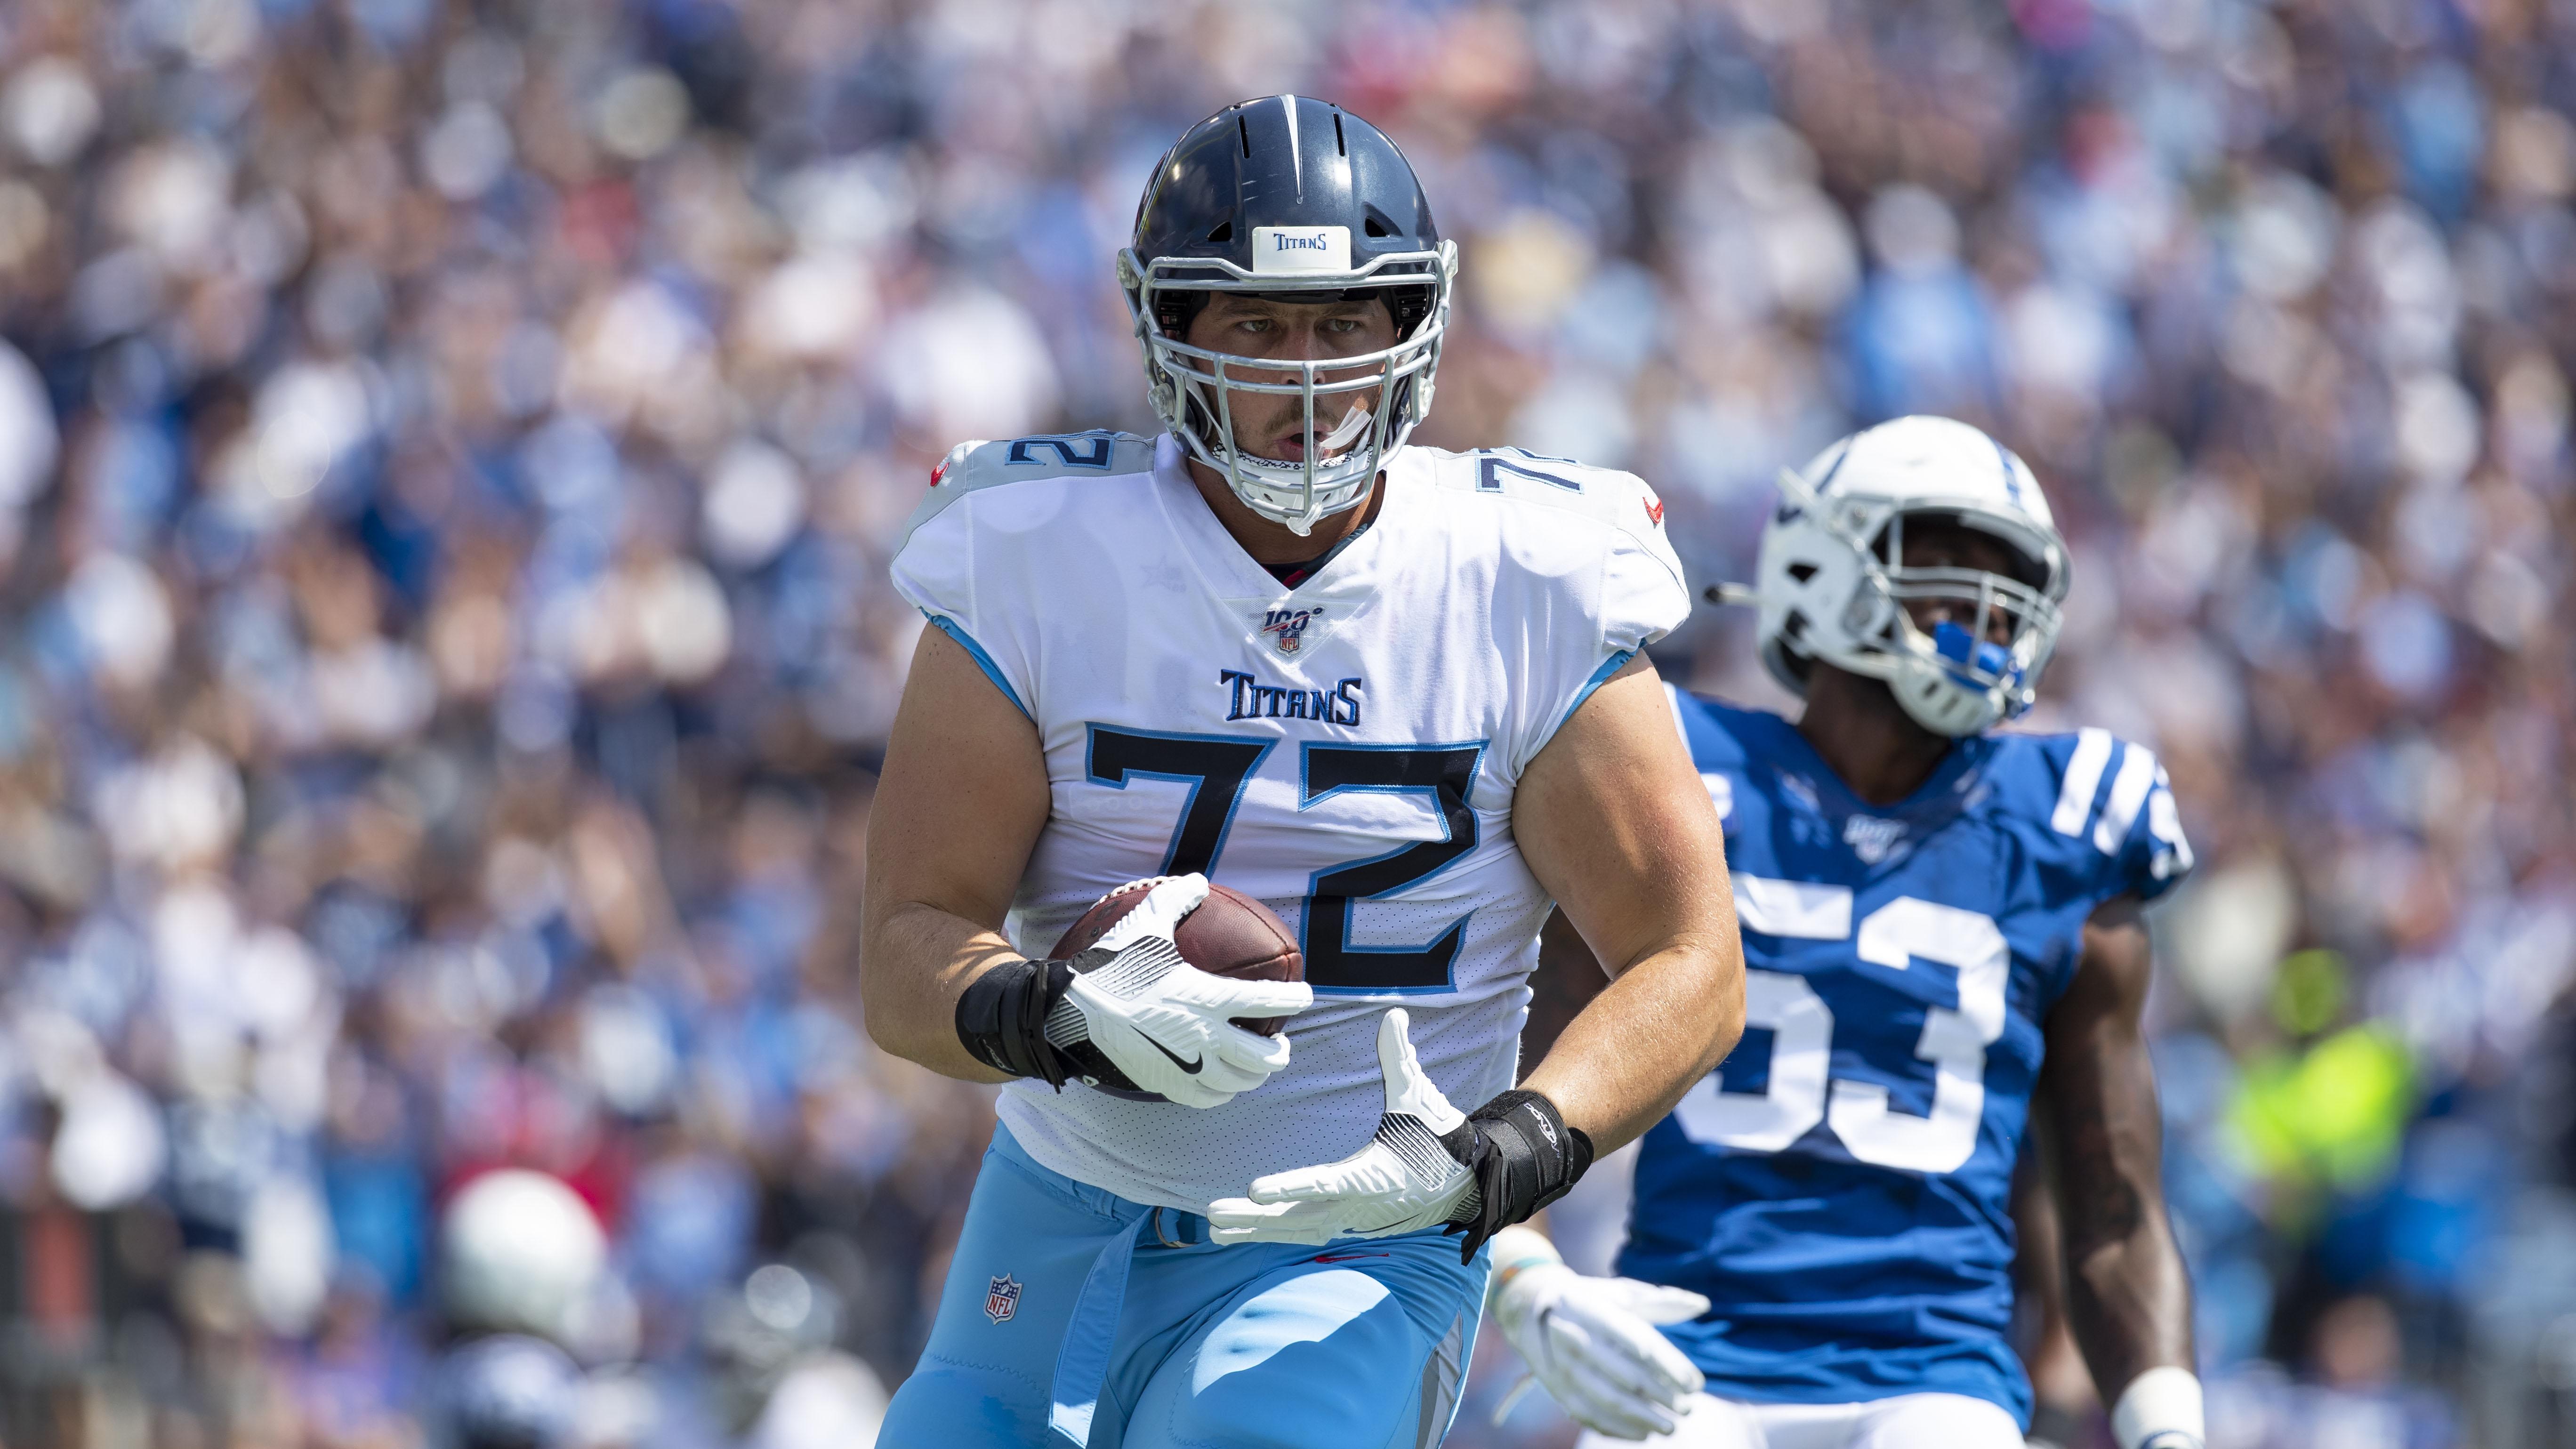 David Quessenberry: Cancer survivor, Titans OL scores touchdown (video)